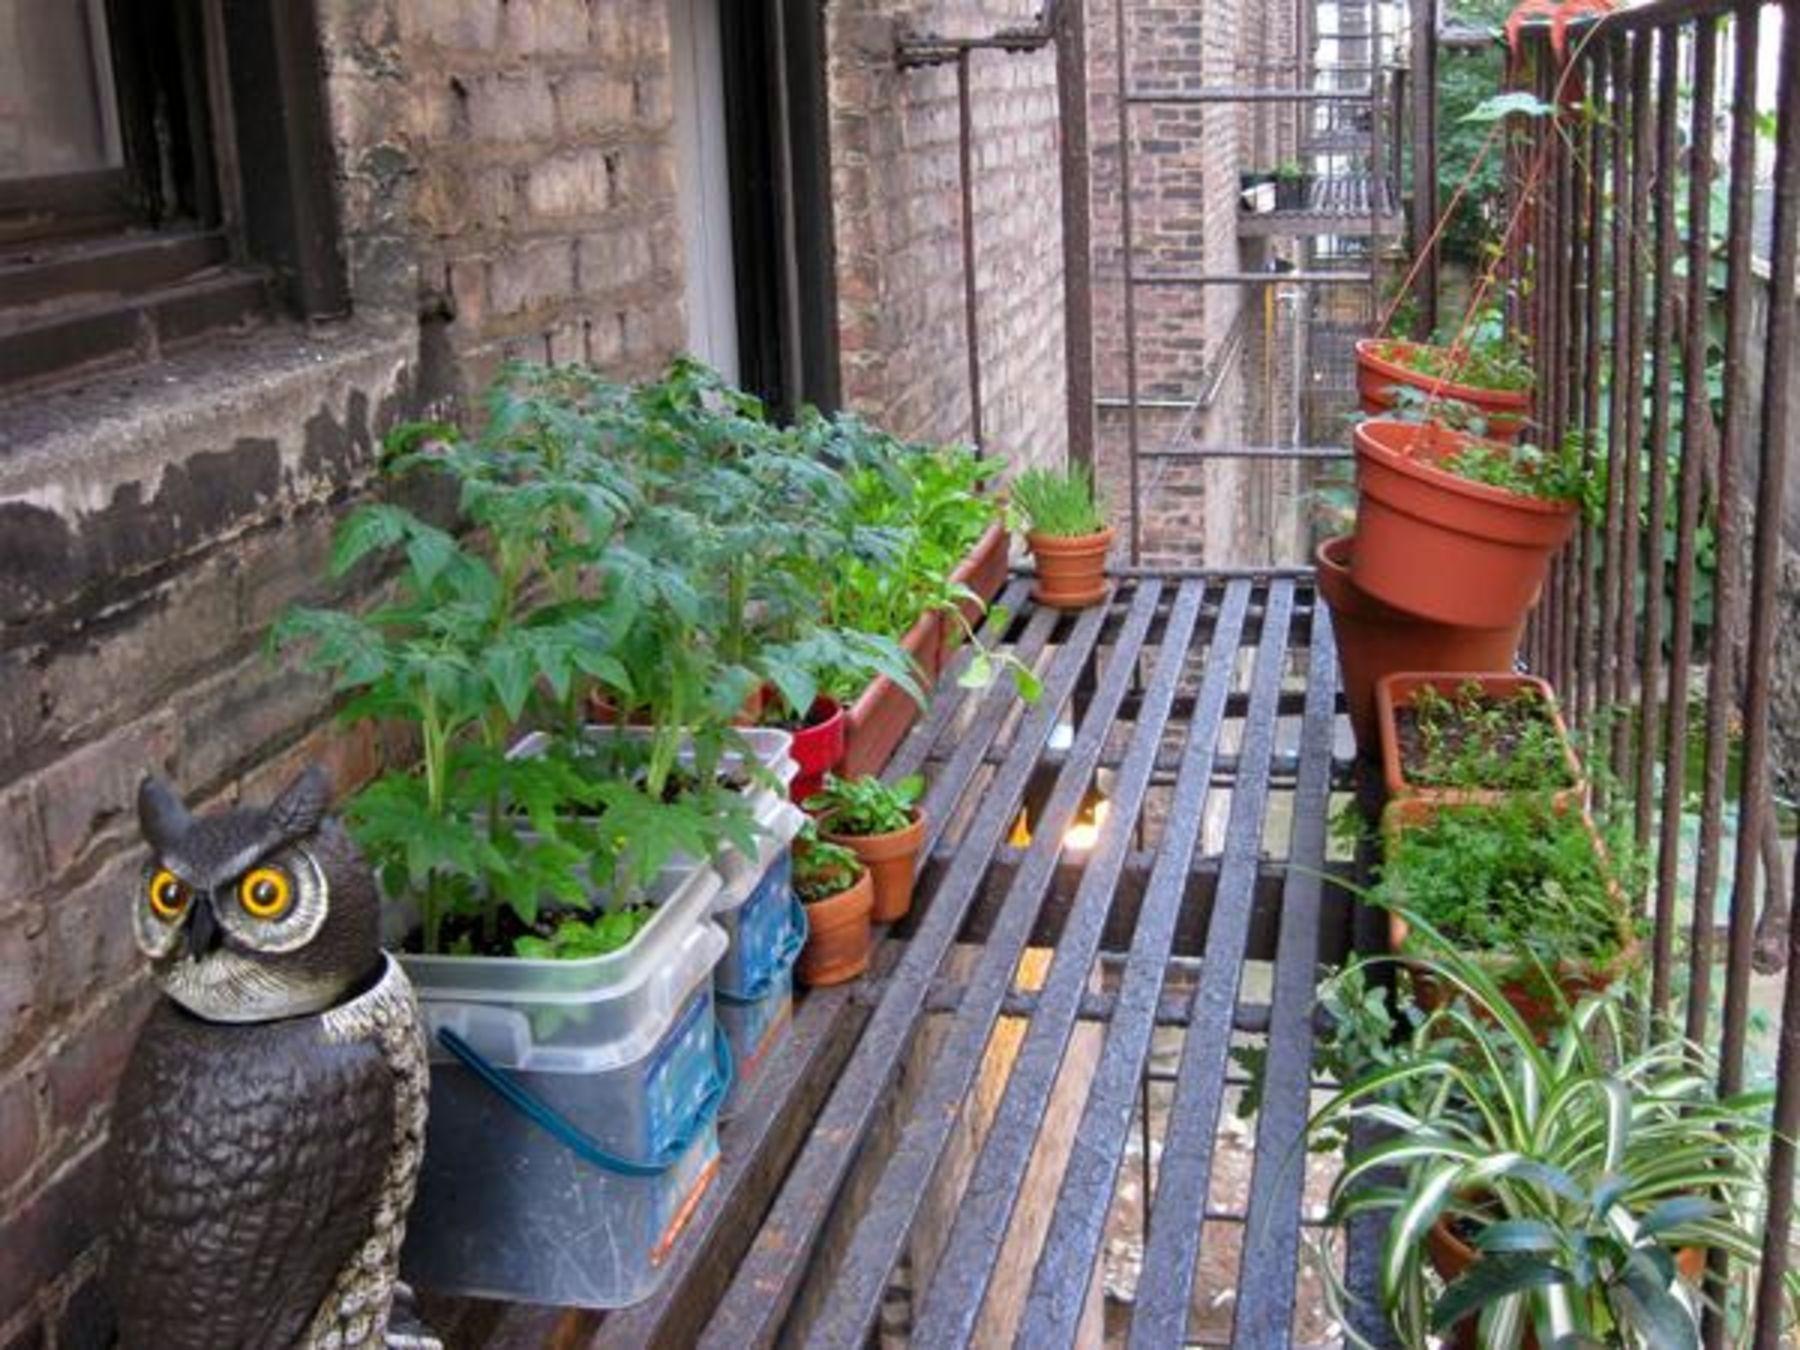 Dein Mini Garten Was In Töpfen Kisten Und An Mauern Wächst